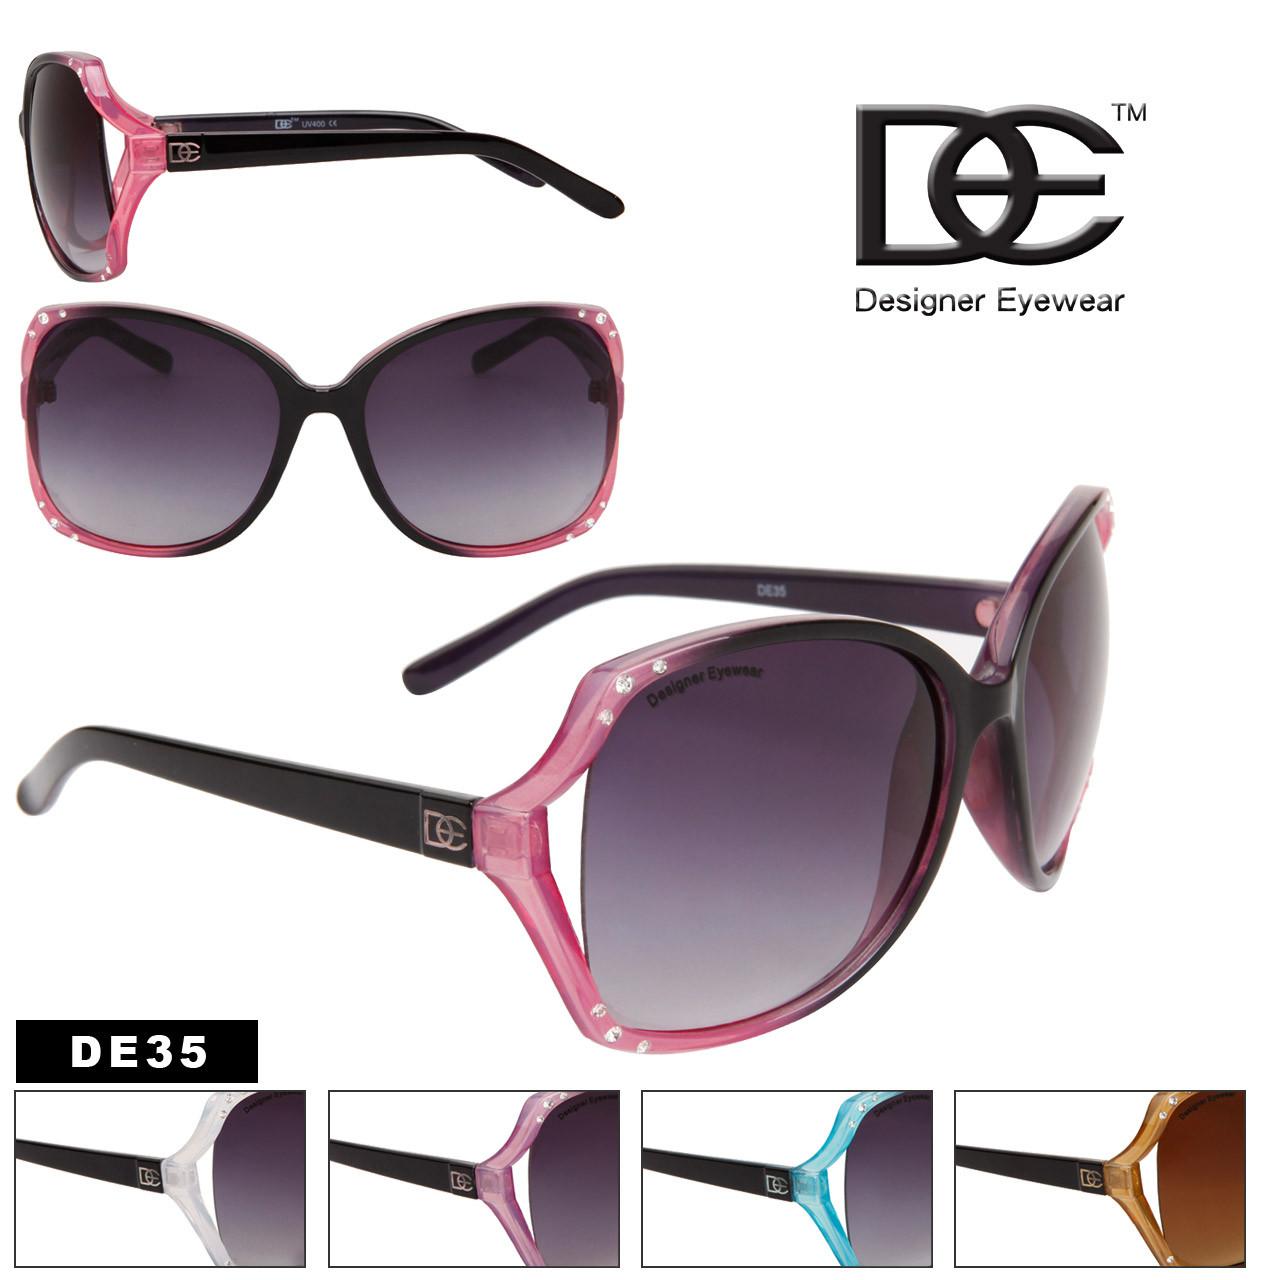 c4d4306e8a299 Wholesale Designer Sunglasses by the Dozen - Style   DE35 (12 pcs ...